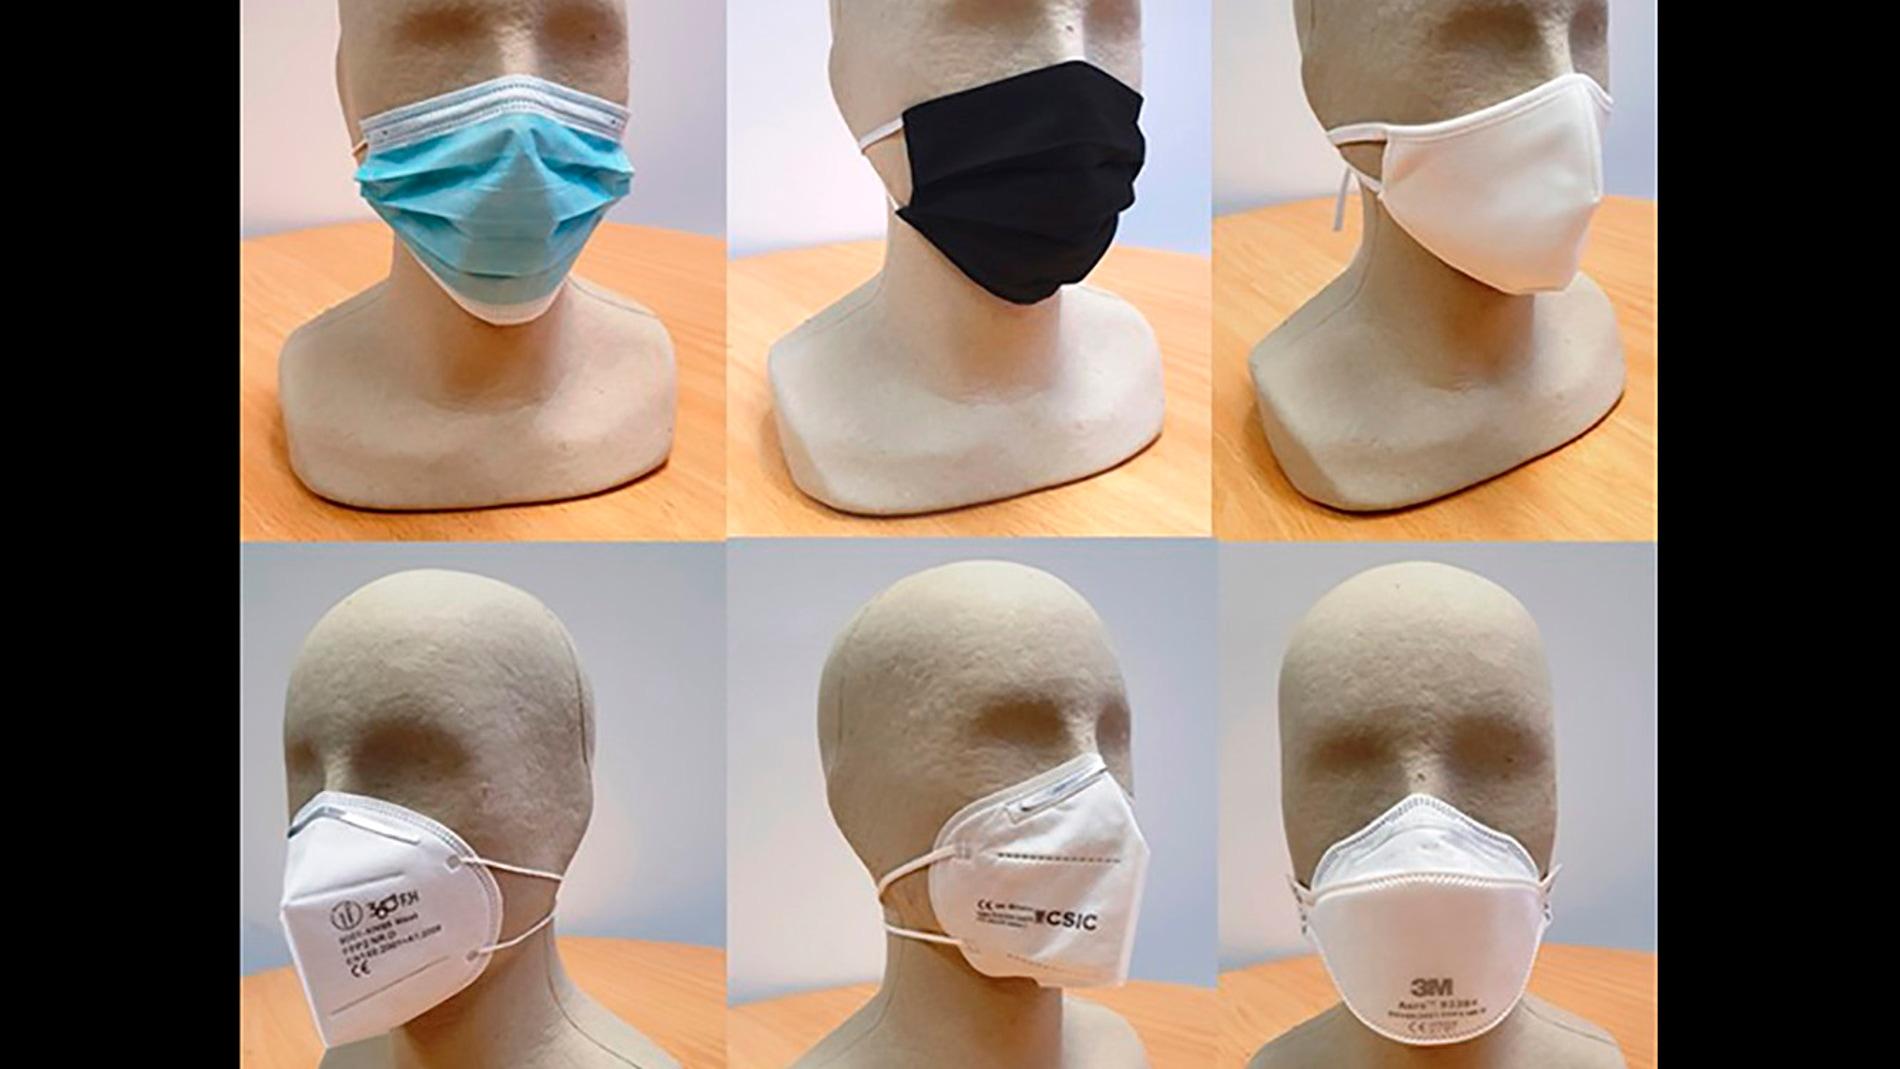 El estudio analiza mascarillas quirúrgicas, de tela, FFP2, KN95 y FFP3.